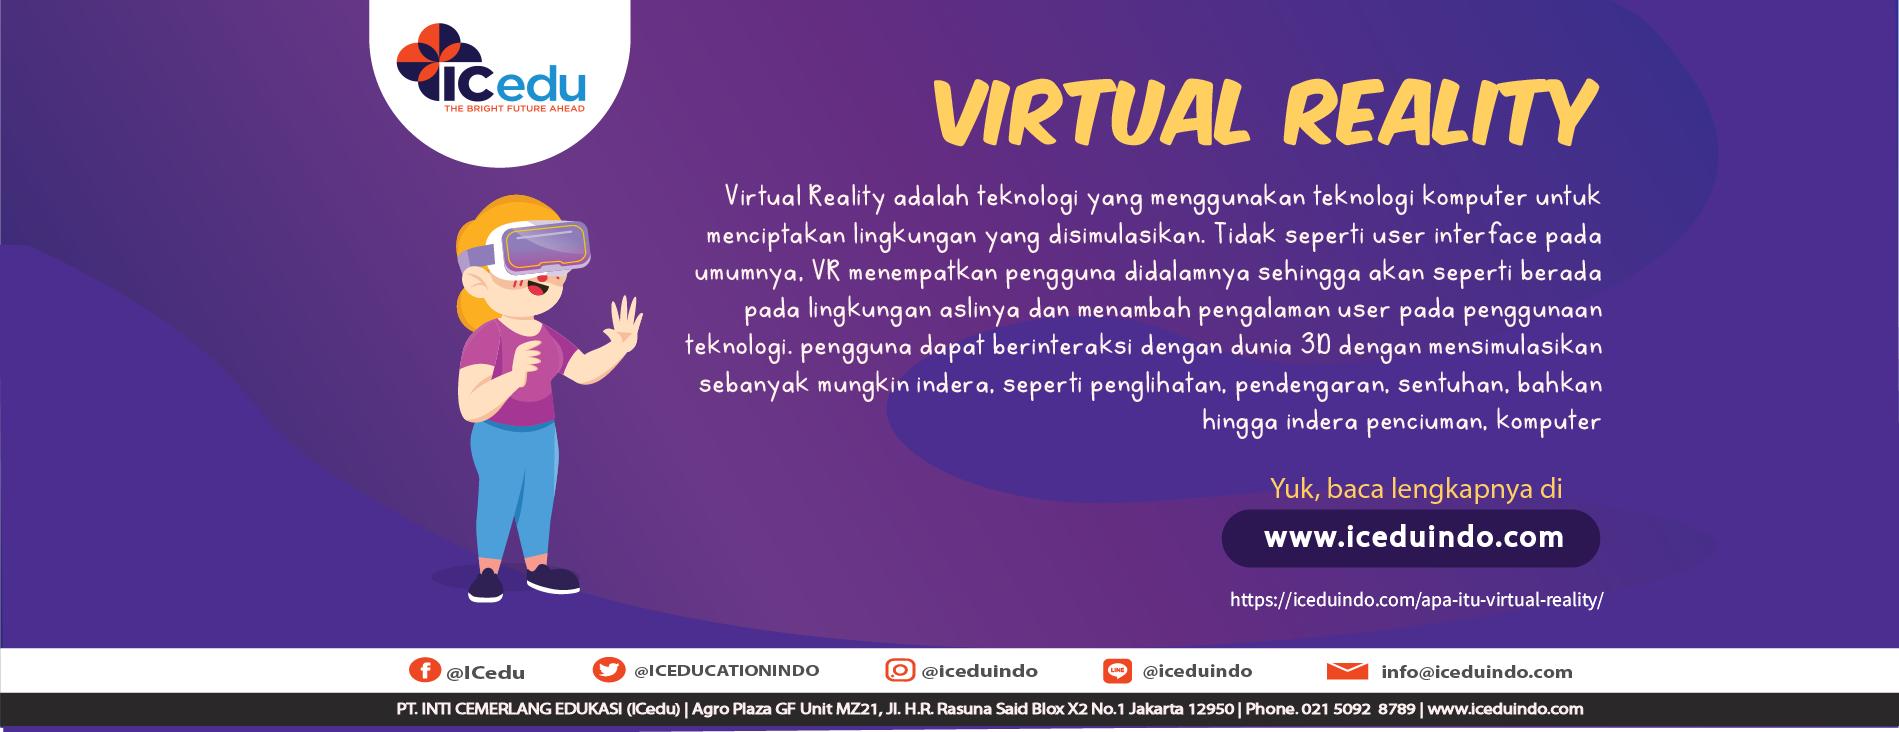 Apa itu Virtual Reality (VR) dan adakah jurusanya ? - ICEDU Indonesia